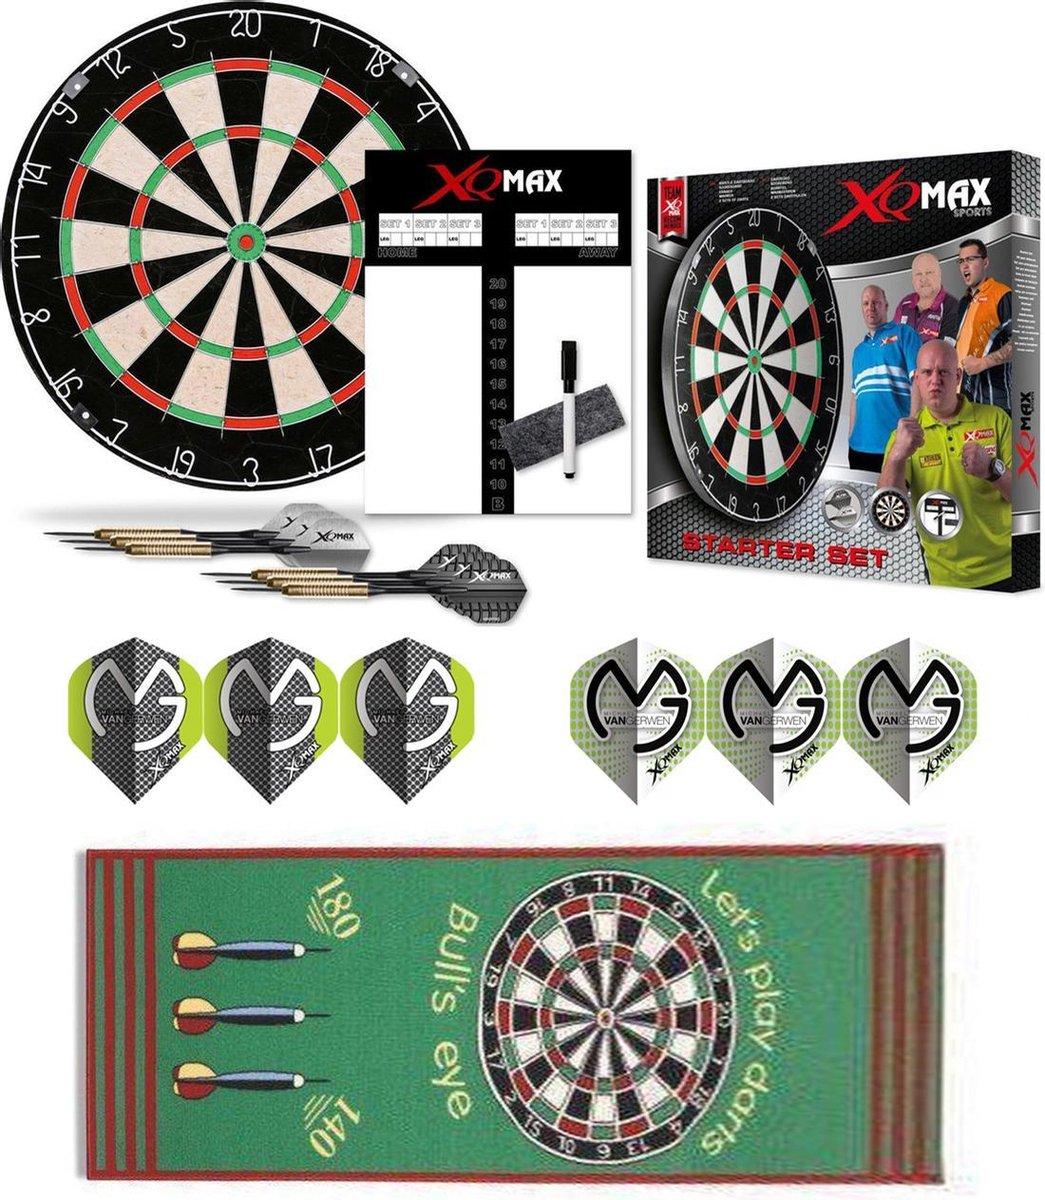 Dragon Darts MvG groene complete dartset - dartbord - dartmat - dart shafts - dart flights - 2 sets - dartpijlen - dartset